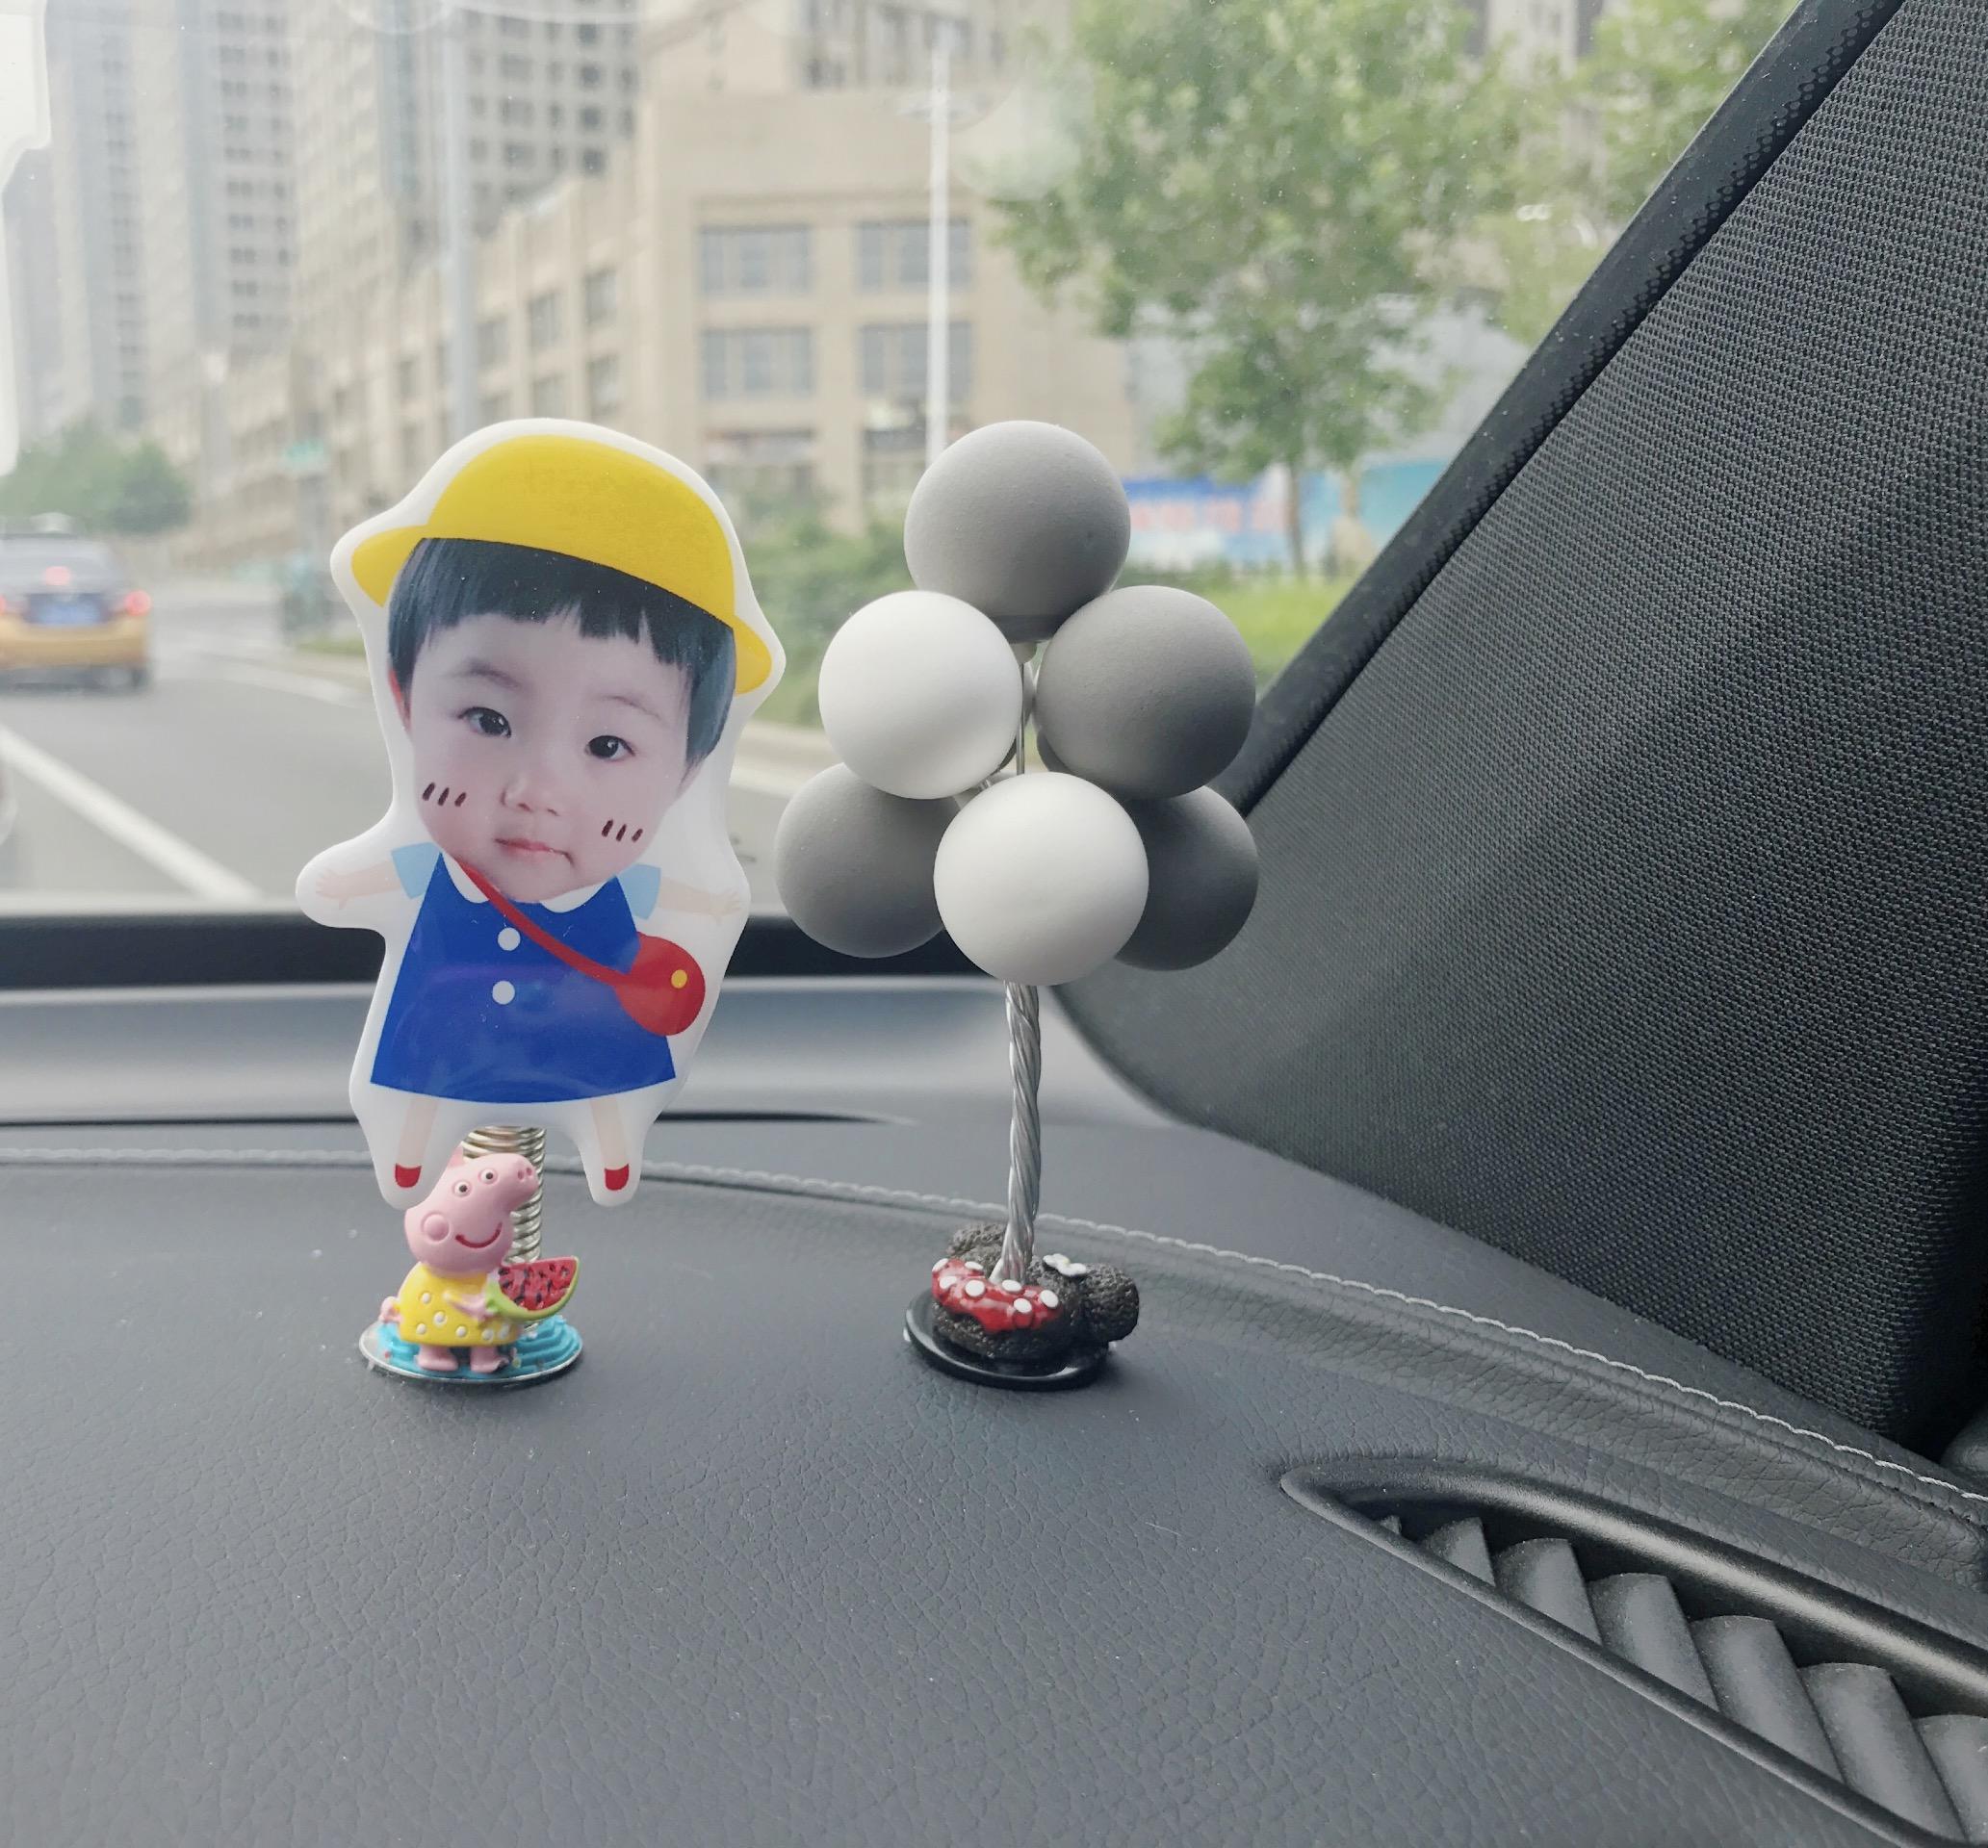 汽车定制创意卡通宝宝情侣照片摇摆娃娃车载摆件弹簧摇摇车内装饰